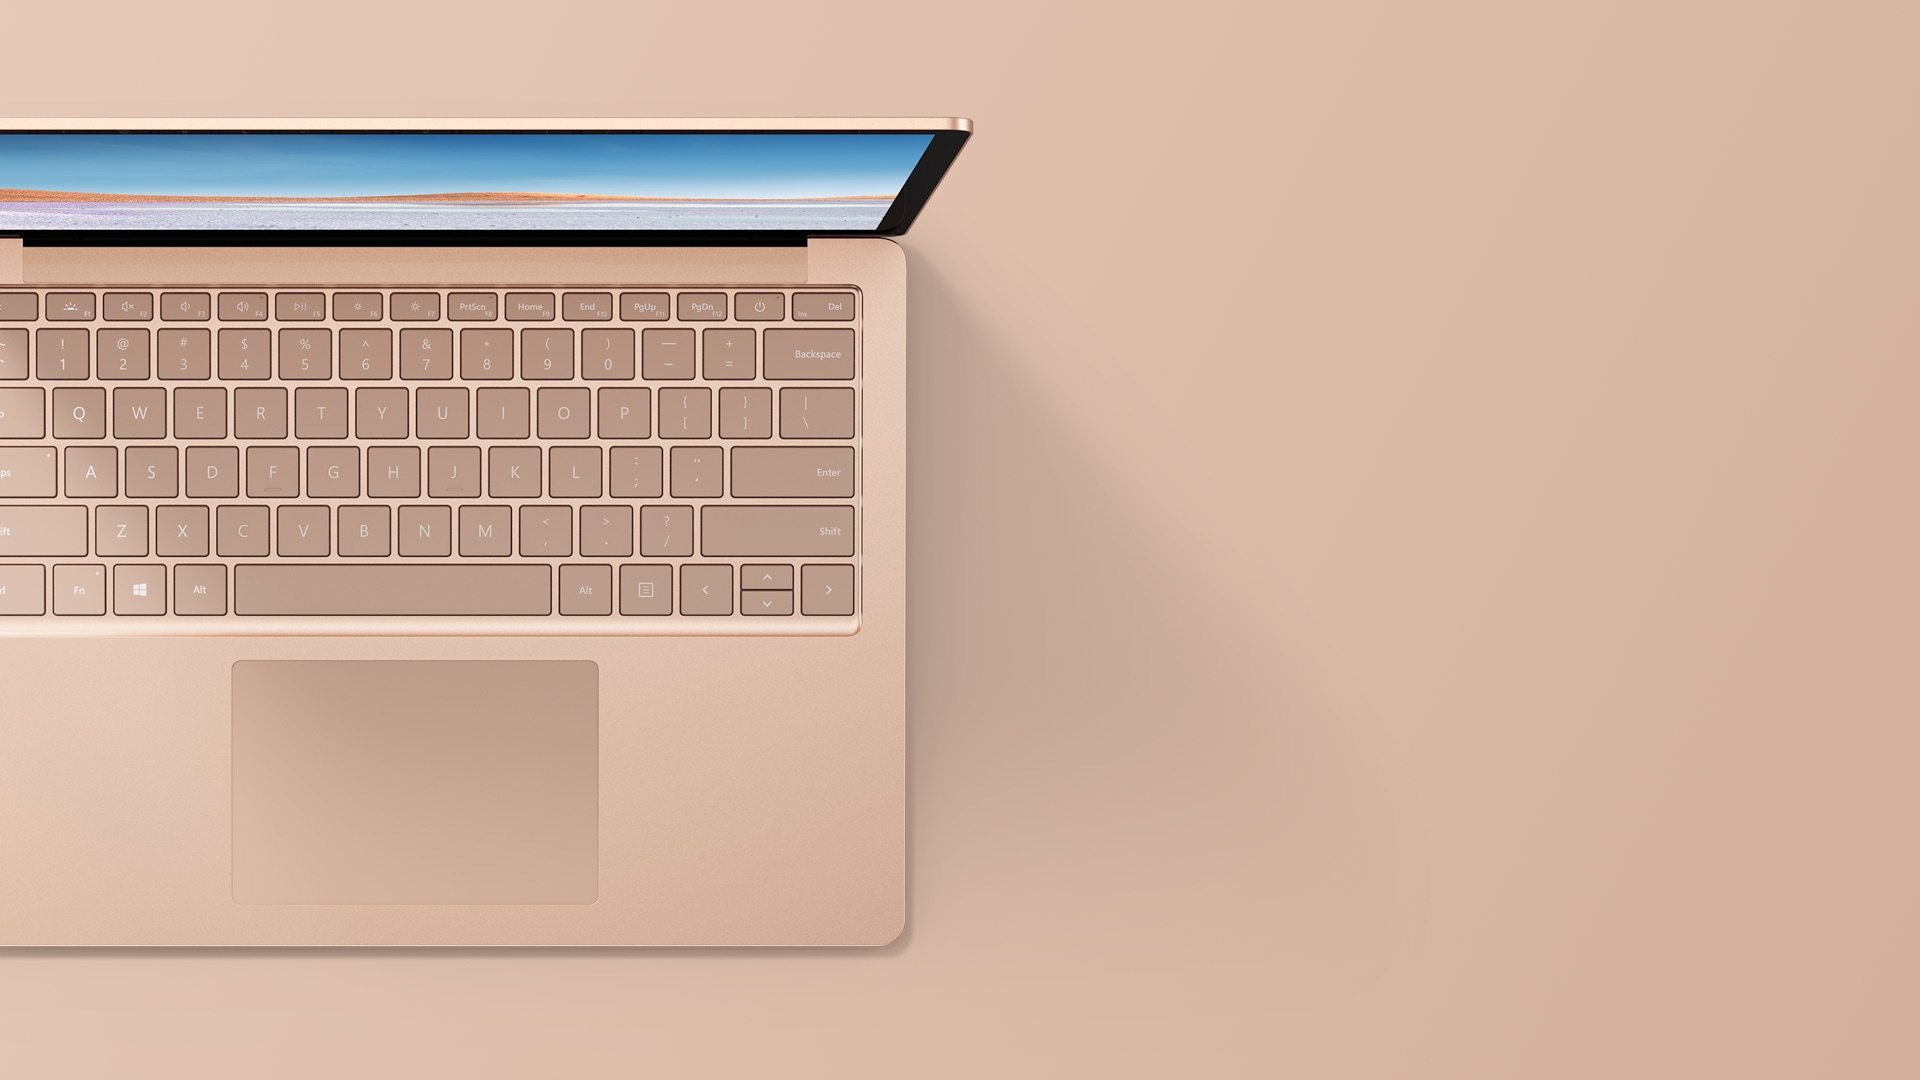 砂巖金 13.5 英寸 Surface Laptop 3 俯視圖